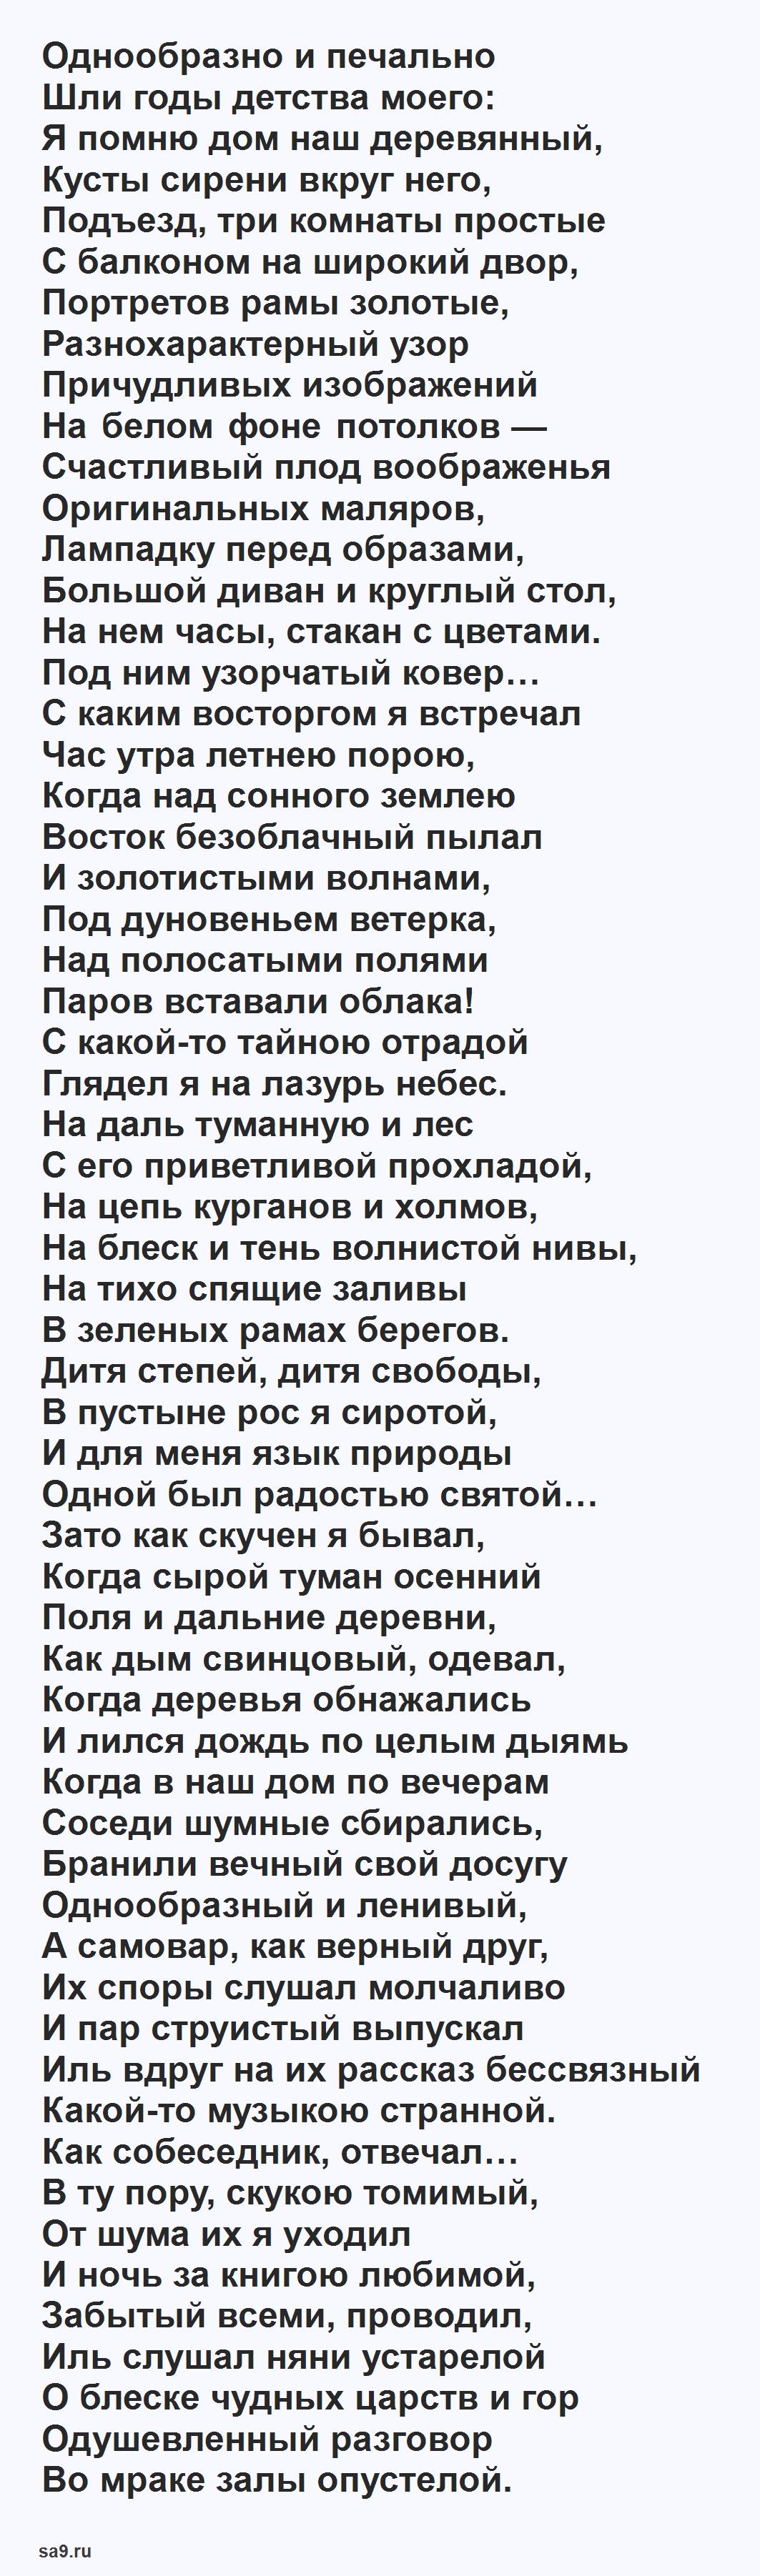 Читать стихи Ивана Никитина - Воспоминания о детстве